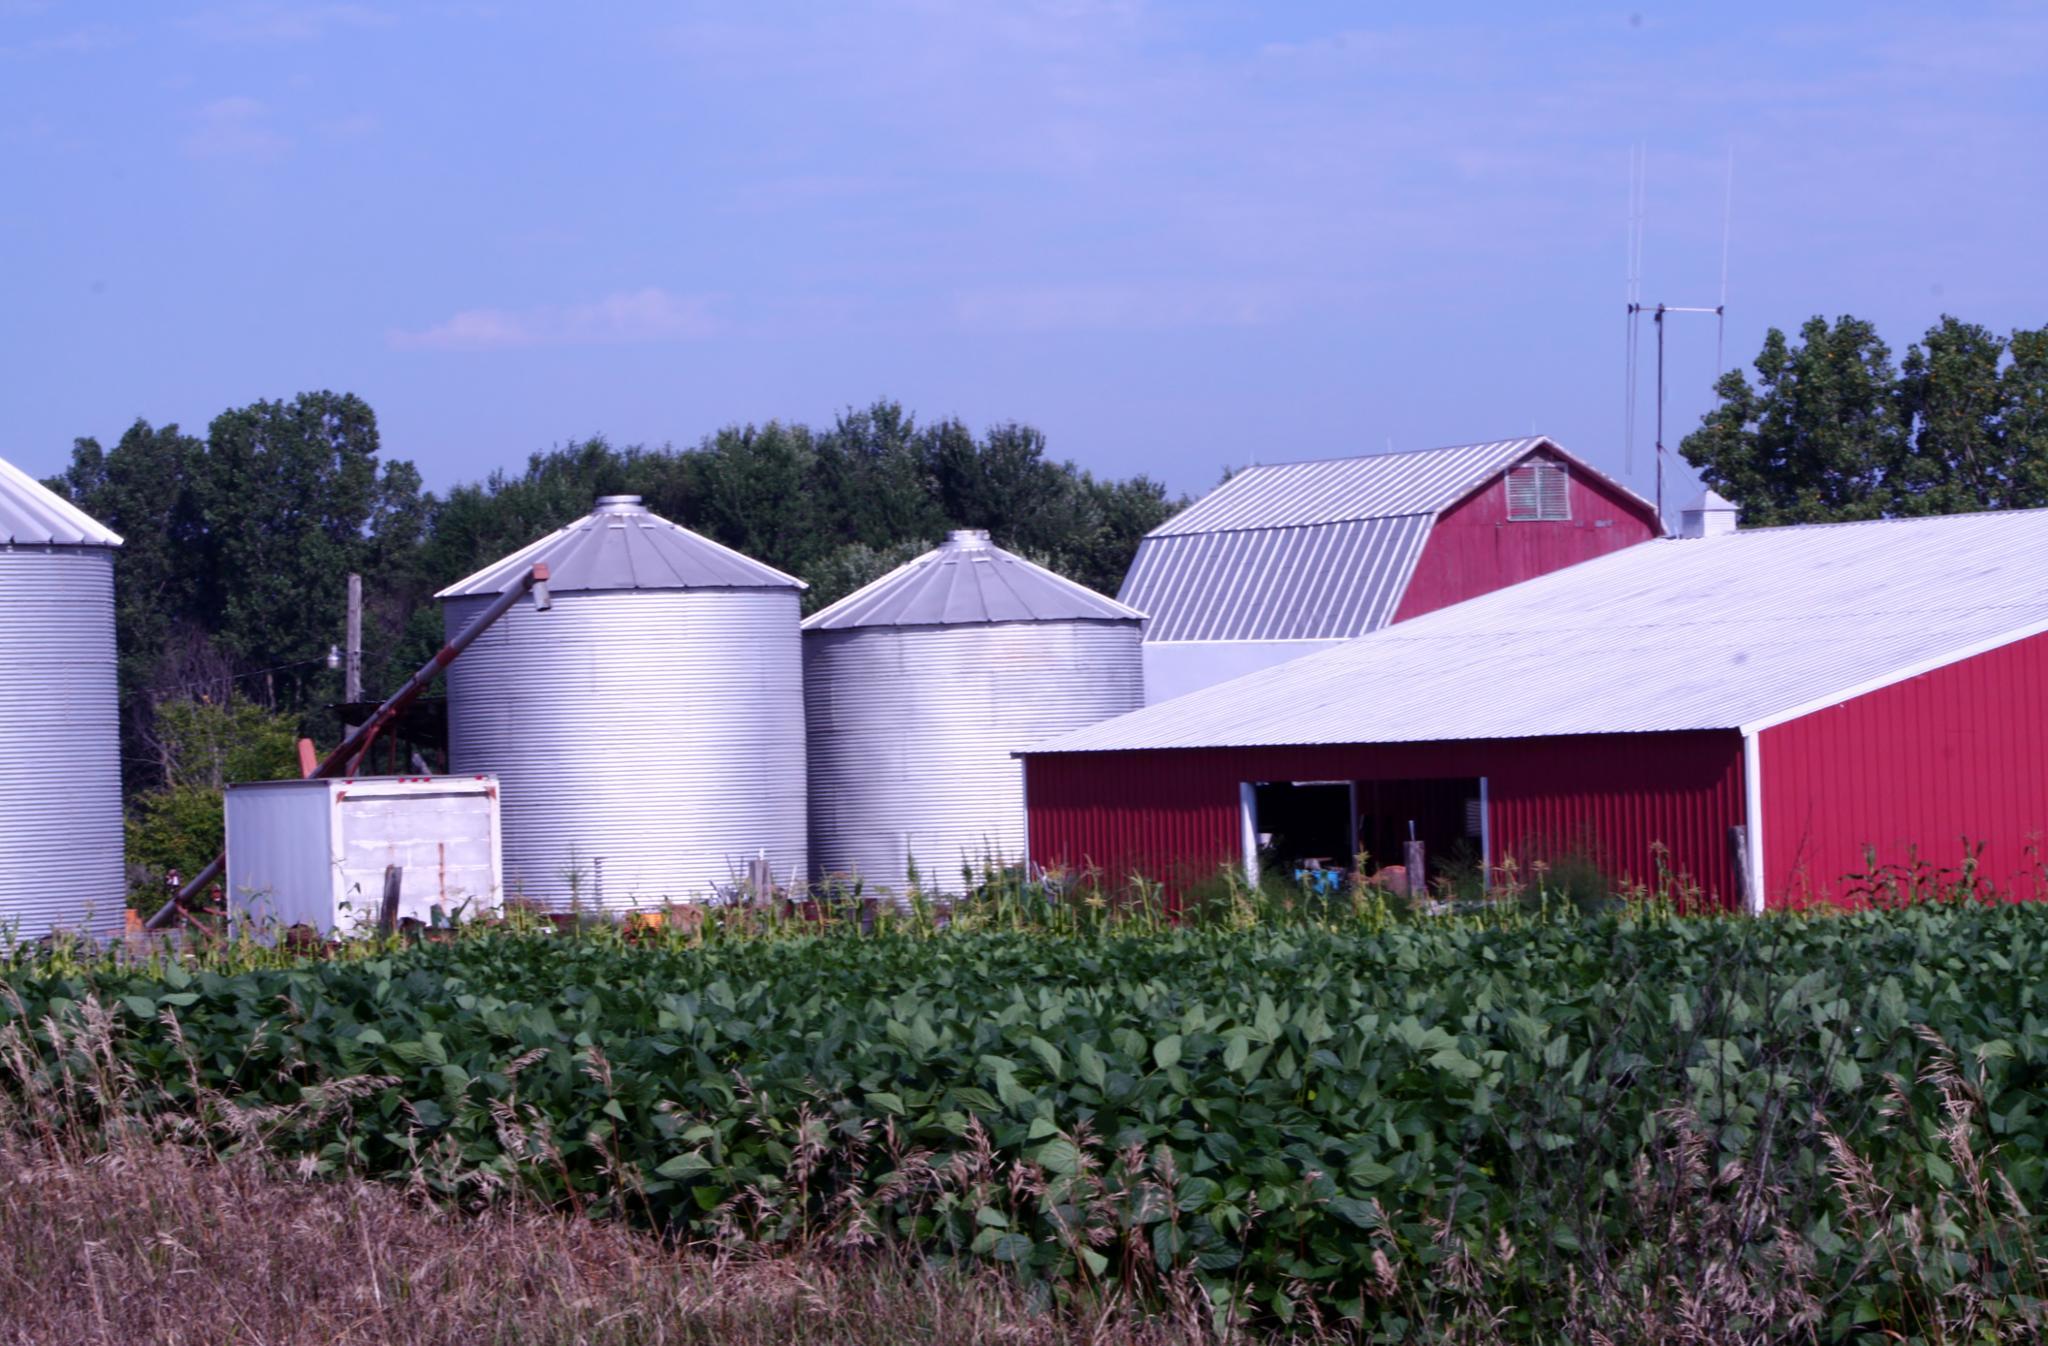 Farming by cindy.martin.7503